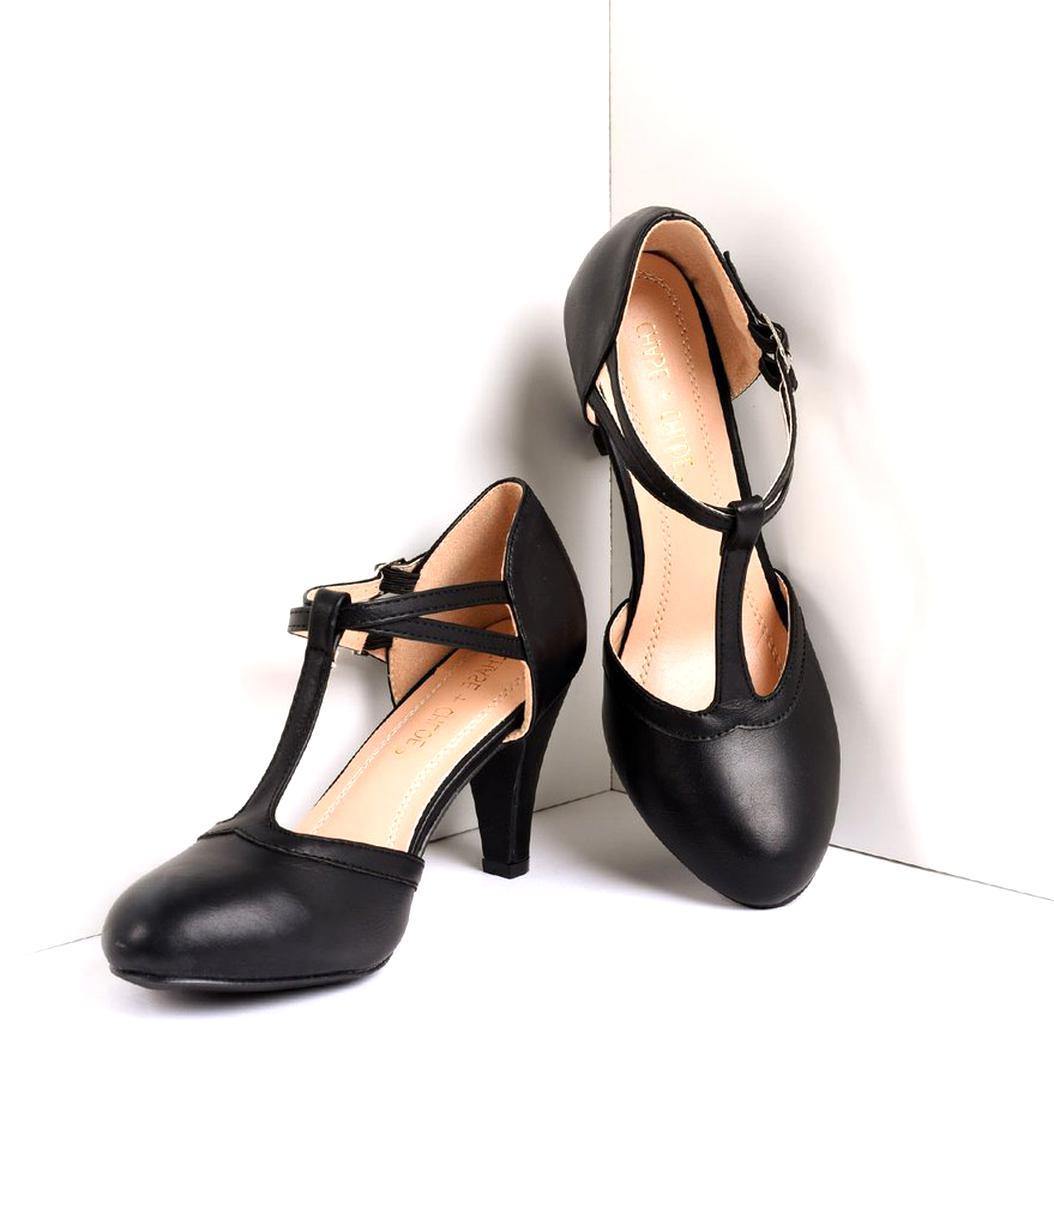 vintage heels gebraucht kaufen